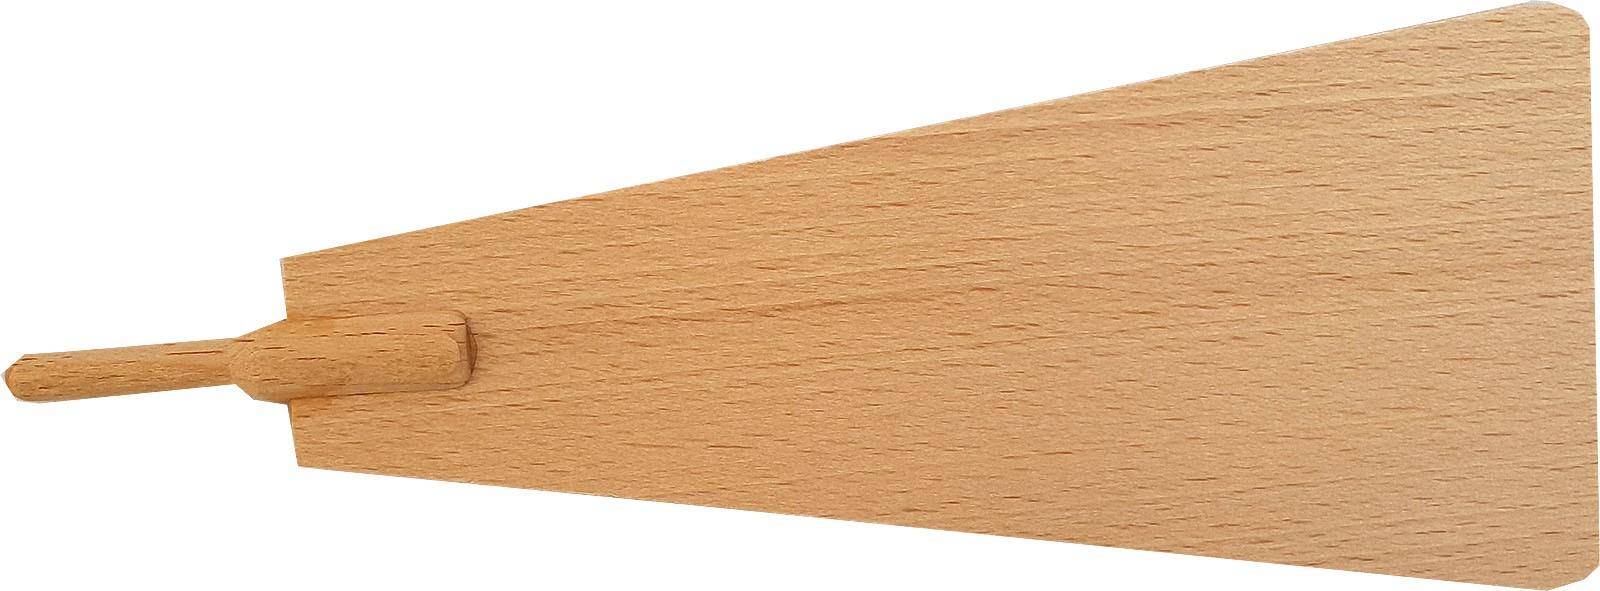 Pyramidenflügel mit Schaft 6 mm Länge 160mm